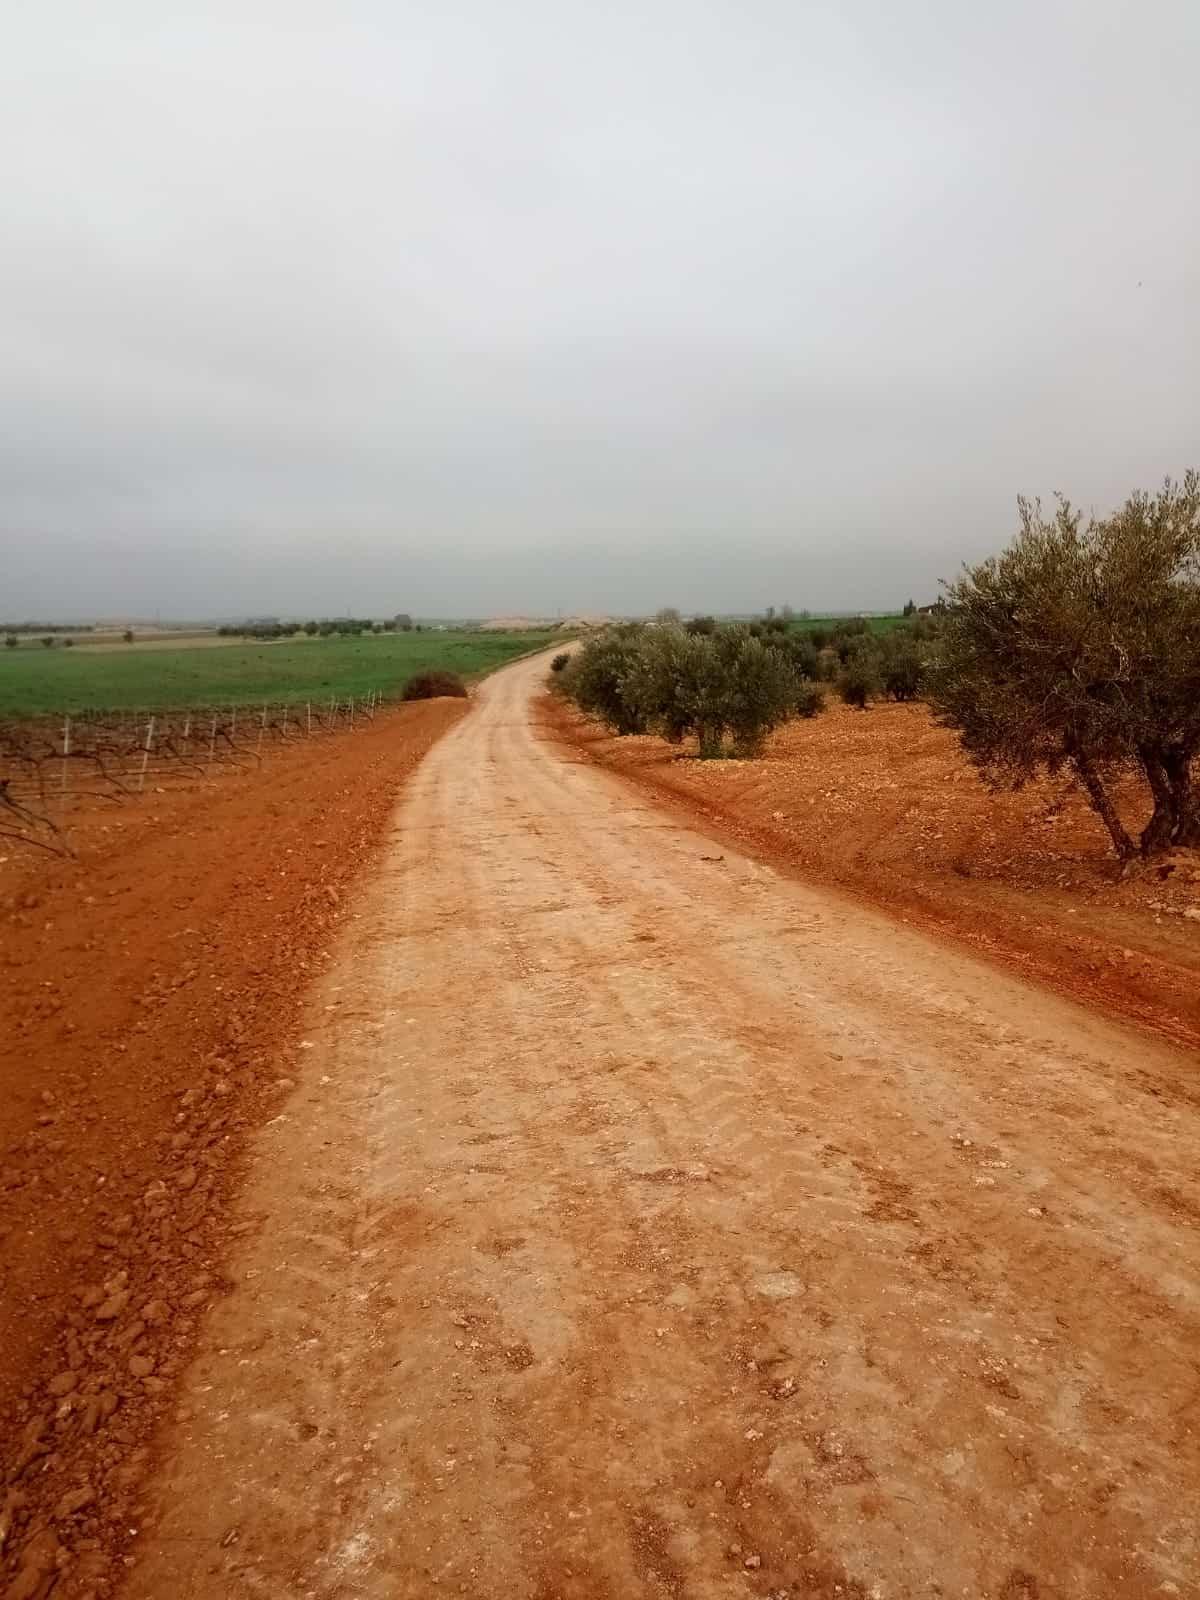 Se arreglaron 16 kilómetros de caminos rurales en Torralba de Calatrava 2